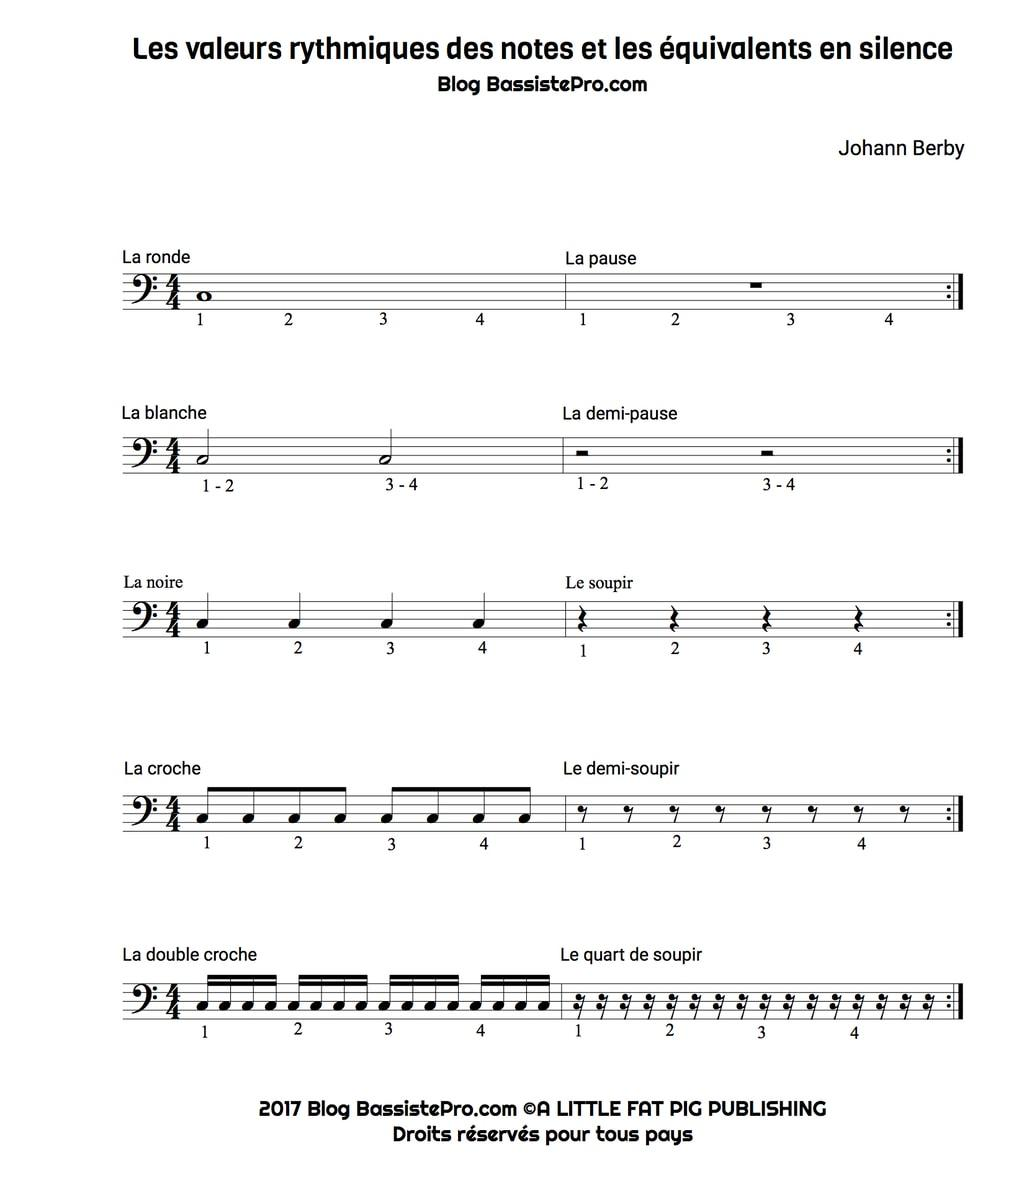 Les valeurs rythmiques notes équivalents silence